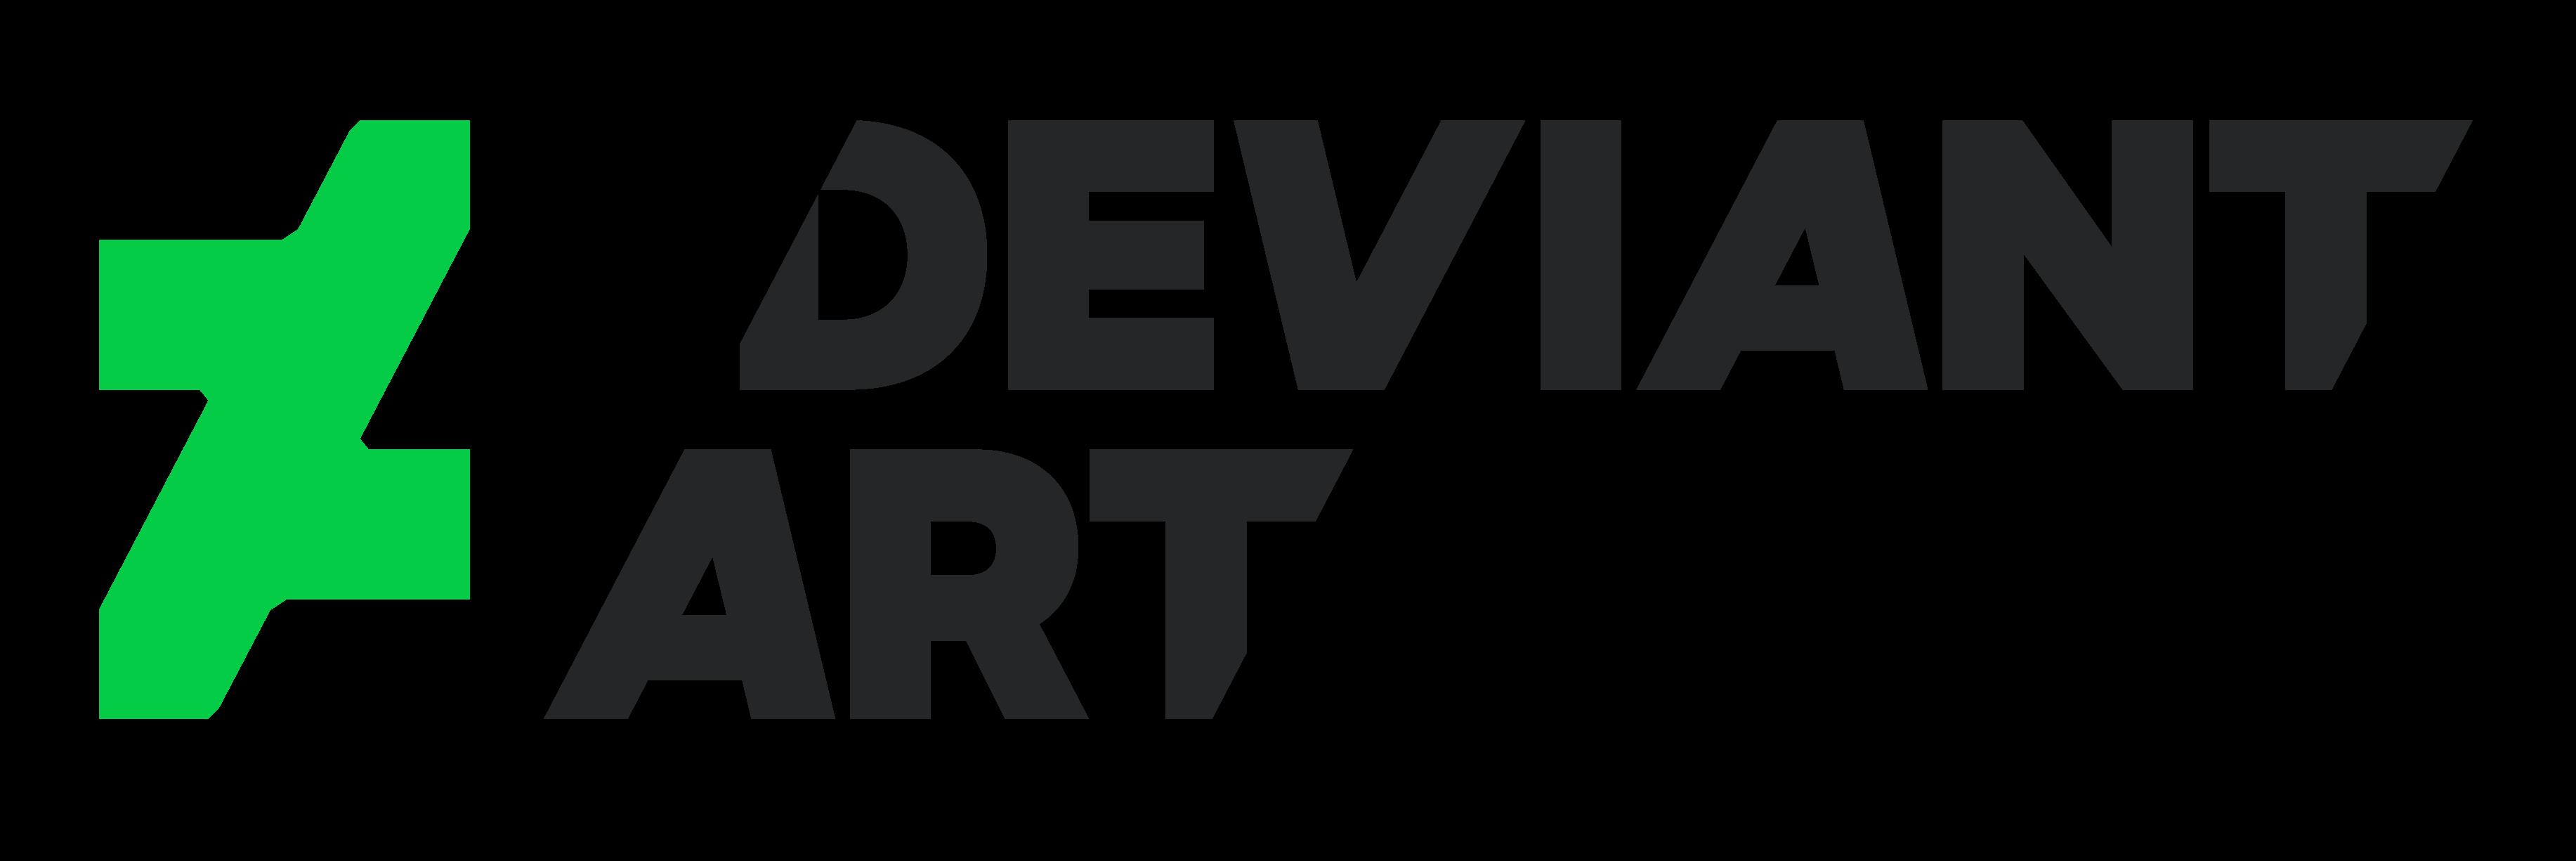 Download Deviantart Logo PNG.